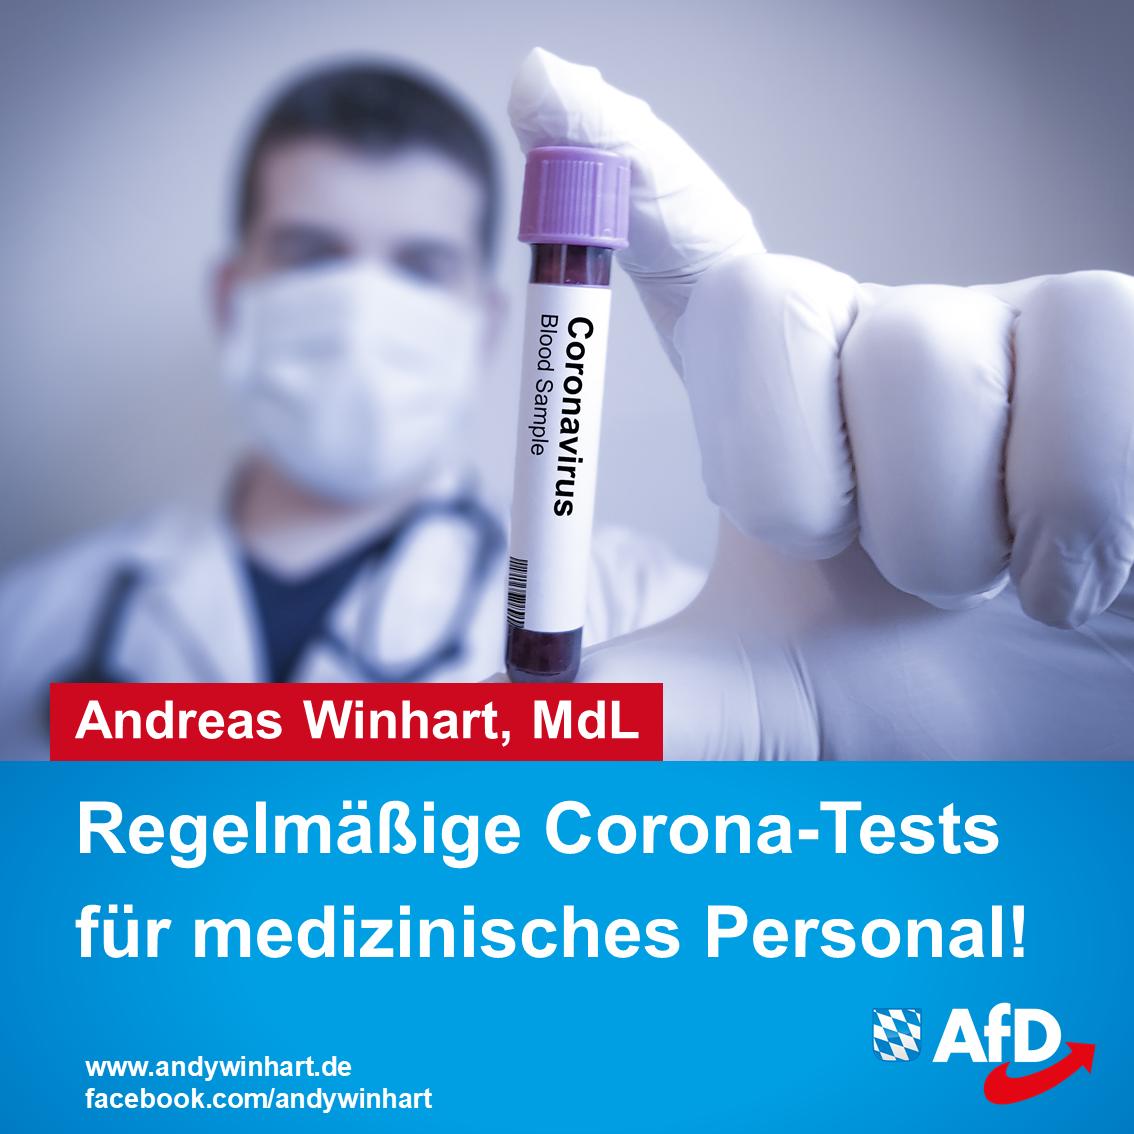 AfD fordert regelmäßige Tests für Mitarbeiter des Gesundheitswesens